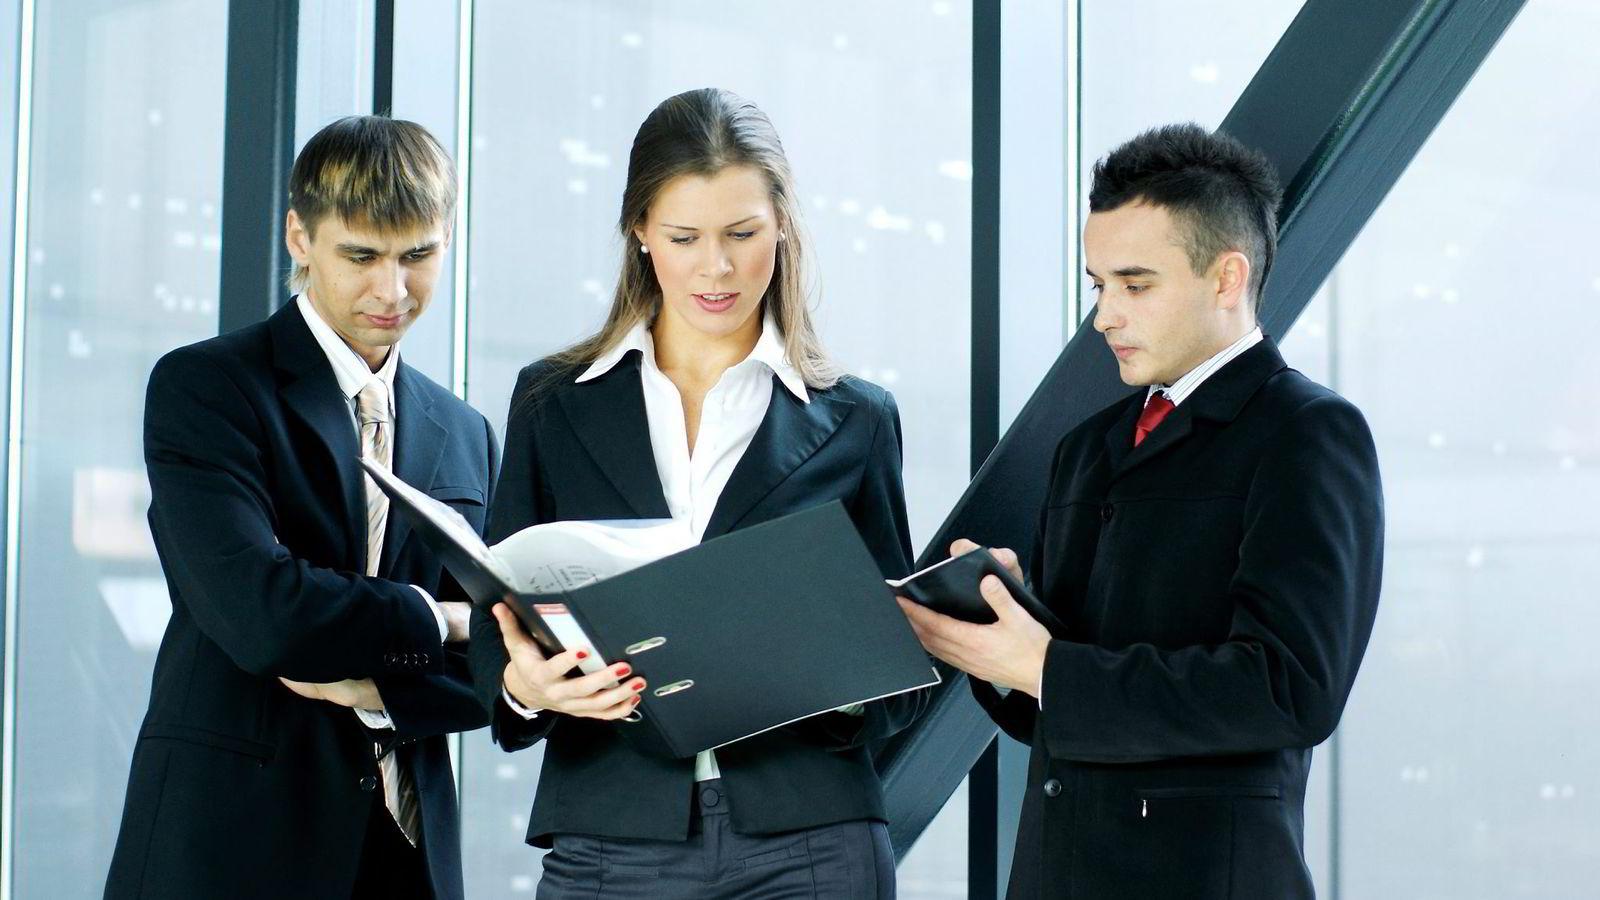 PROBLEMATISK. At det i mange organisasjoner mangler grunnleggende kompetanse om forskning på HR og på hva som skaper virkelig gode prestasjoner er et problem. Illustrasjonsfoto: Colourbox